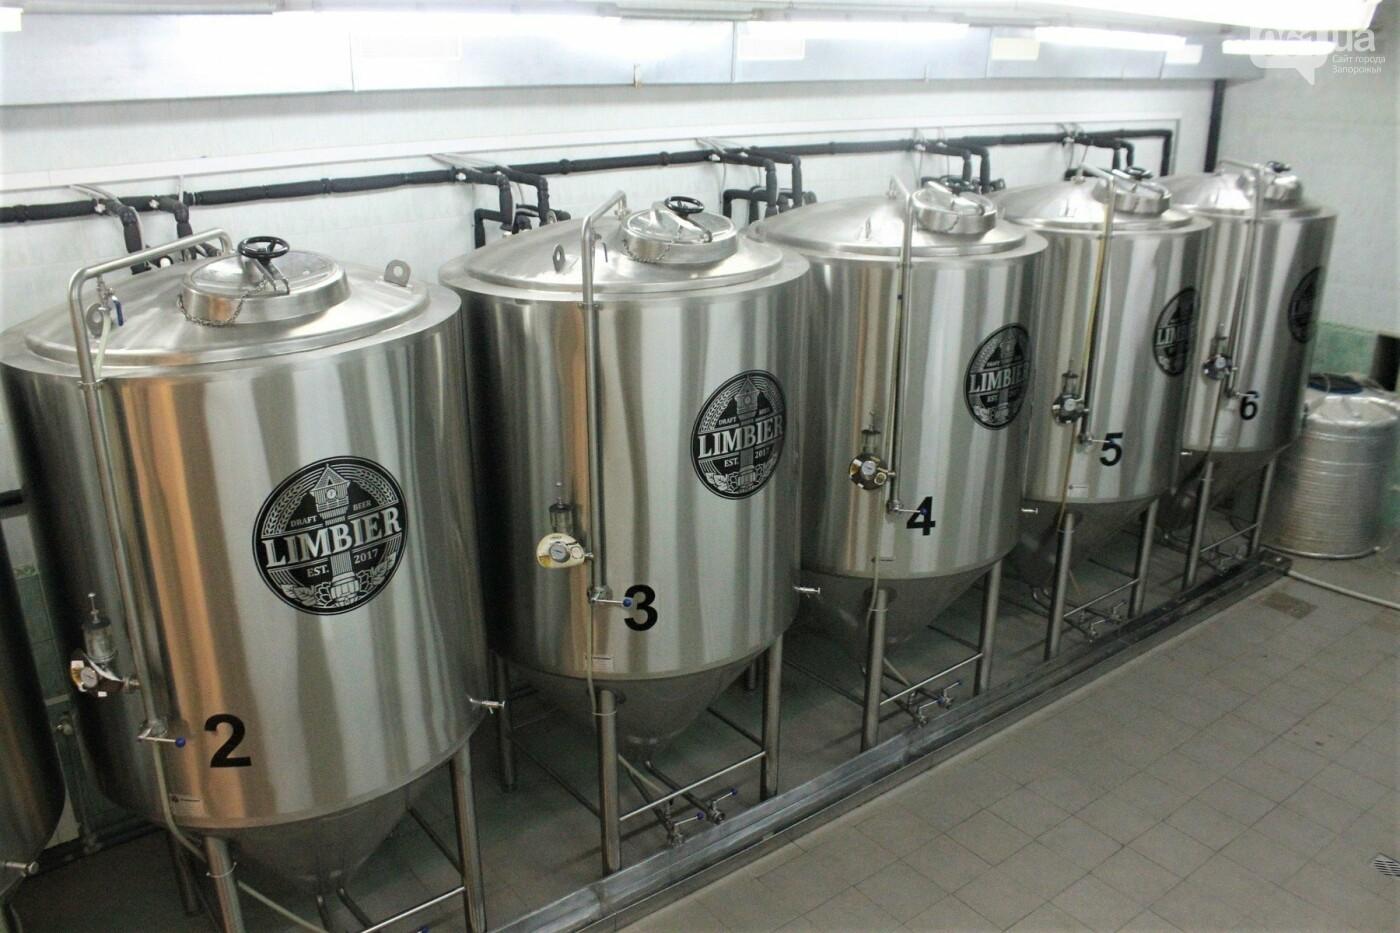 Как в Запорожье готовят крафтовое пиво «Limbier»: экскурсия на производство, – ФОТОРЕПОРТАЖ, фото-3